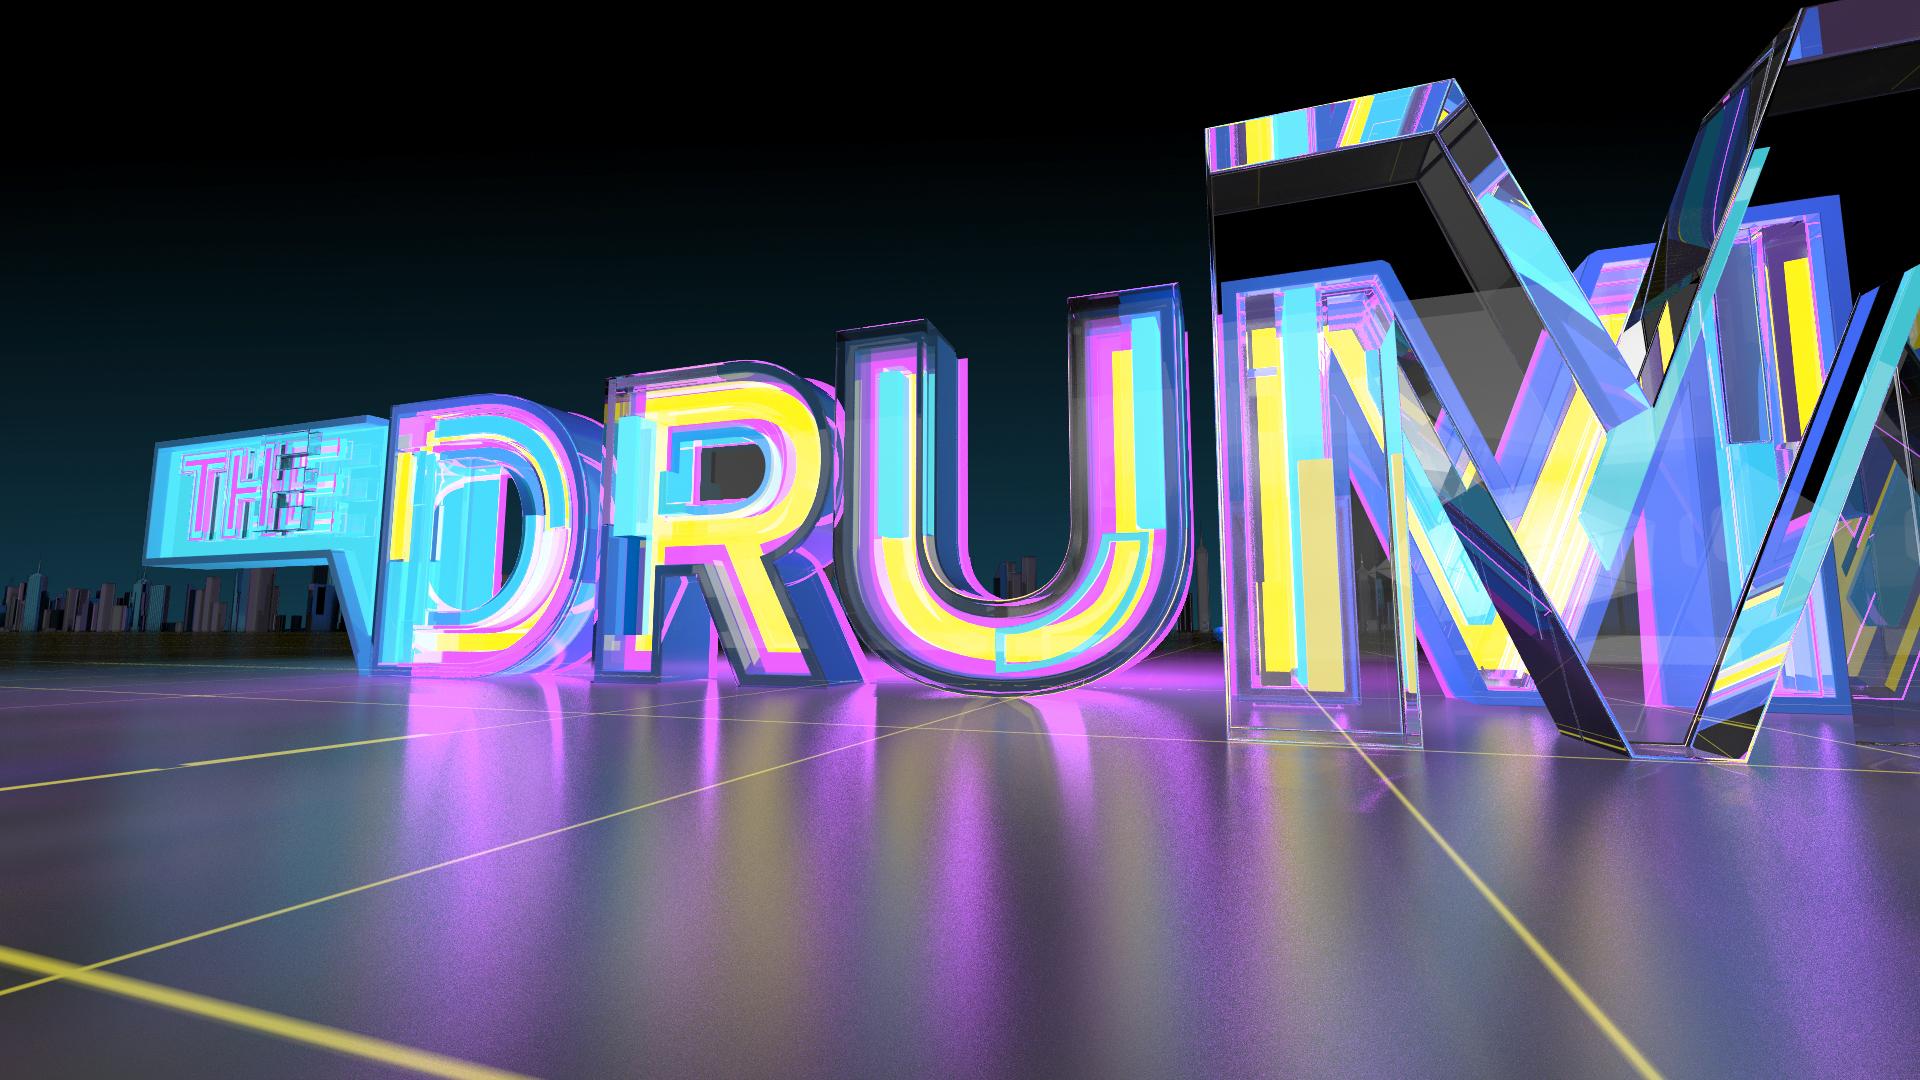 ABC: The Drum